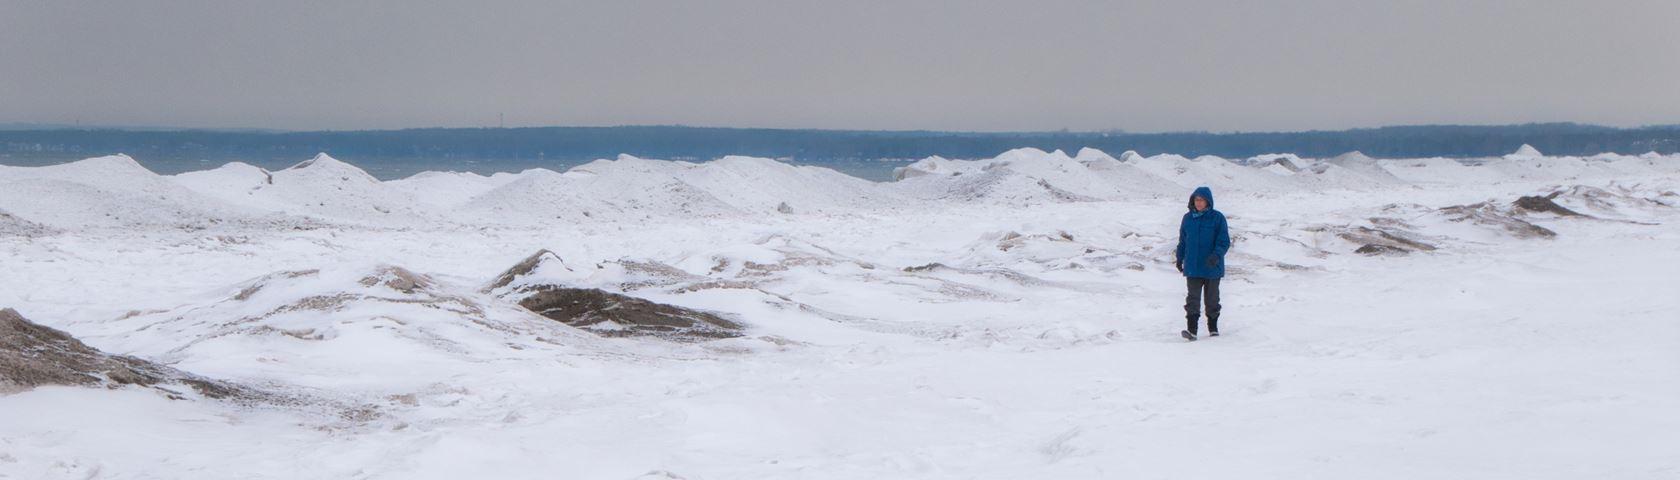 Walking a Frozen Beach